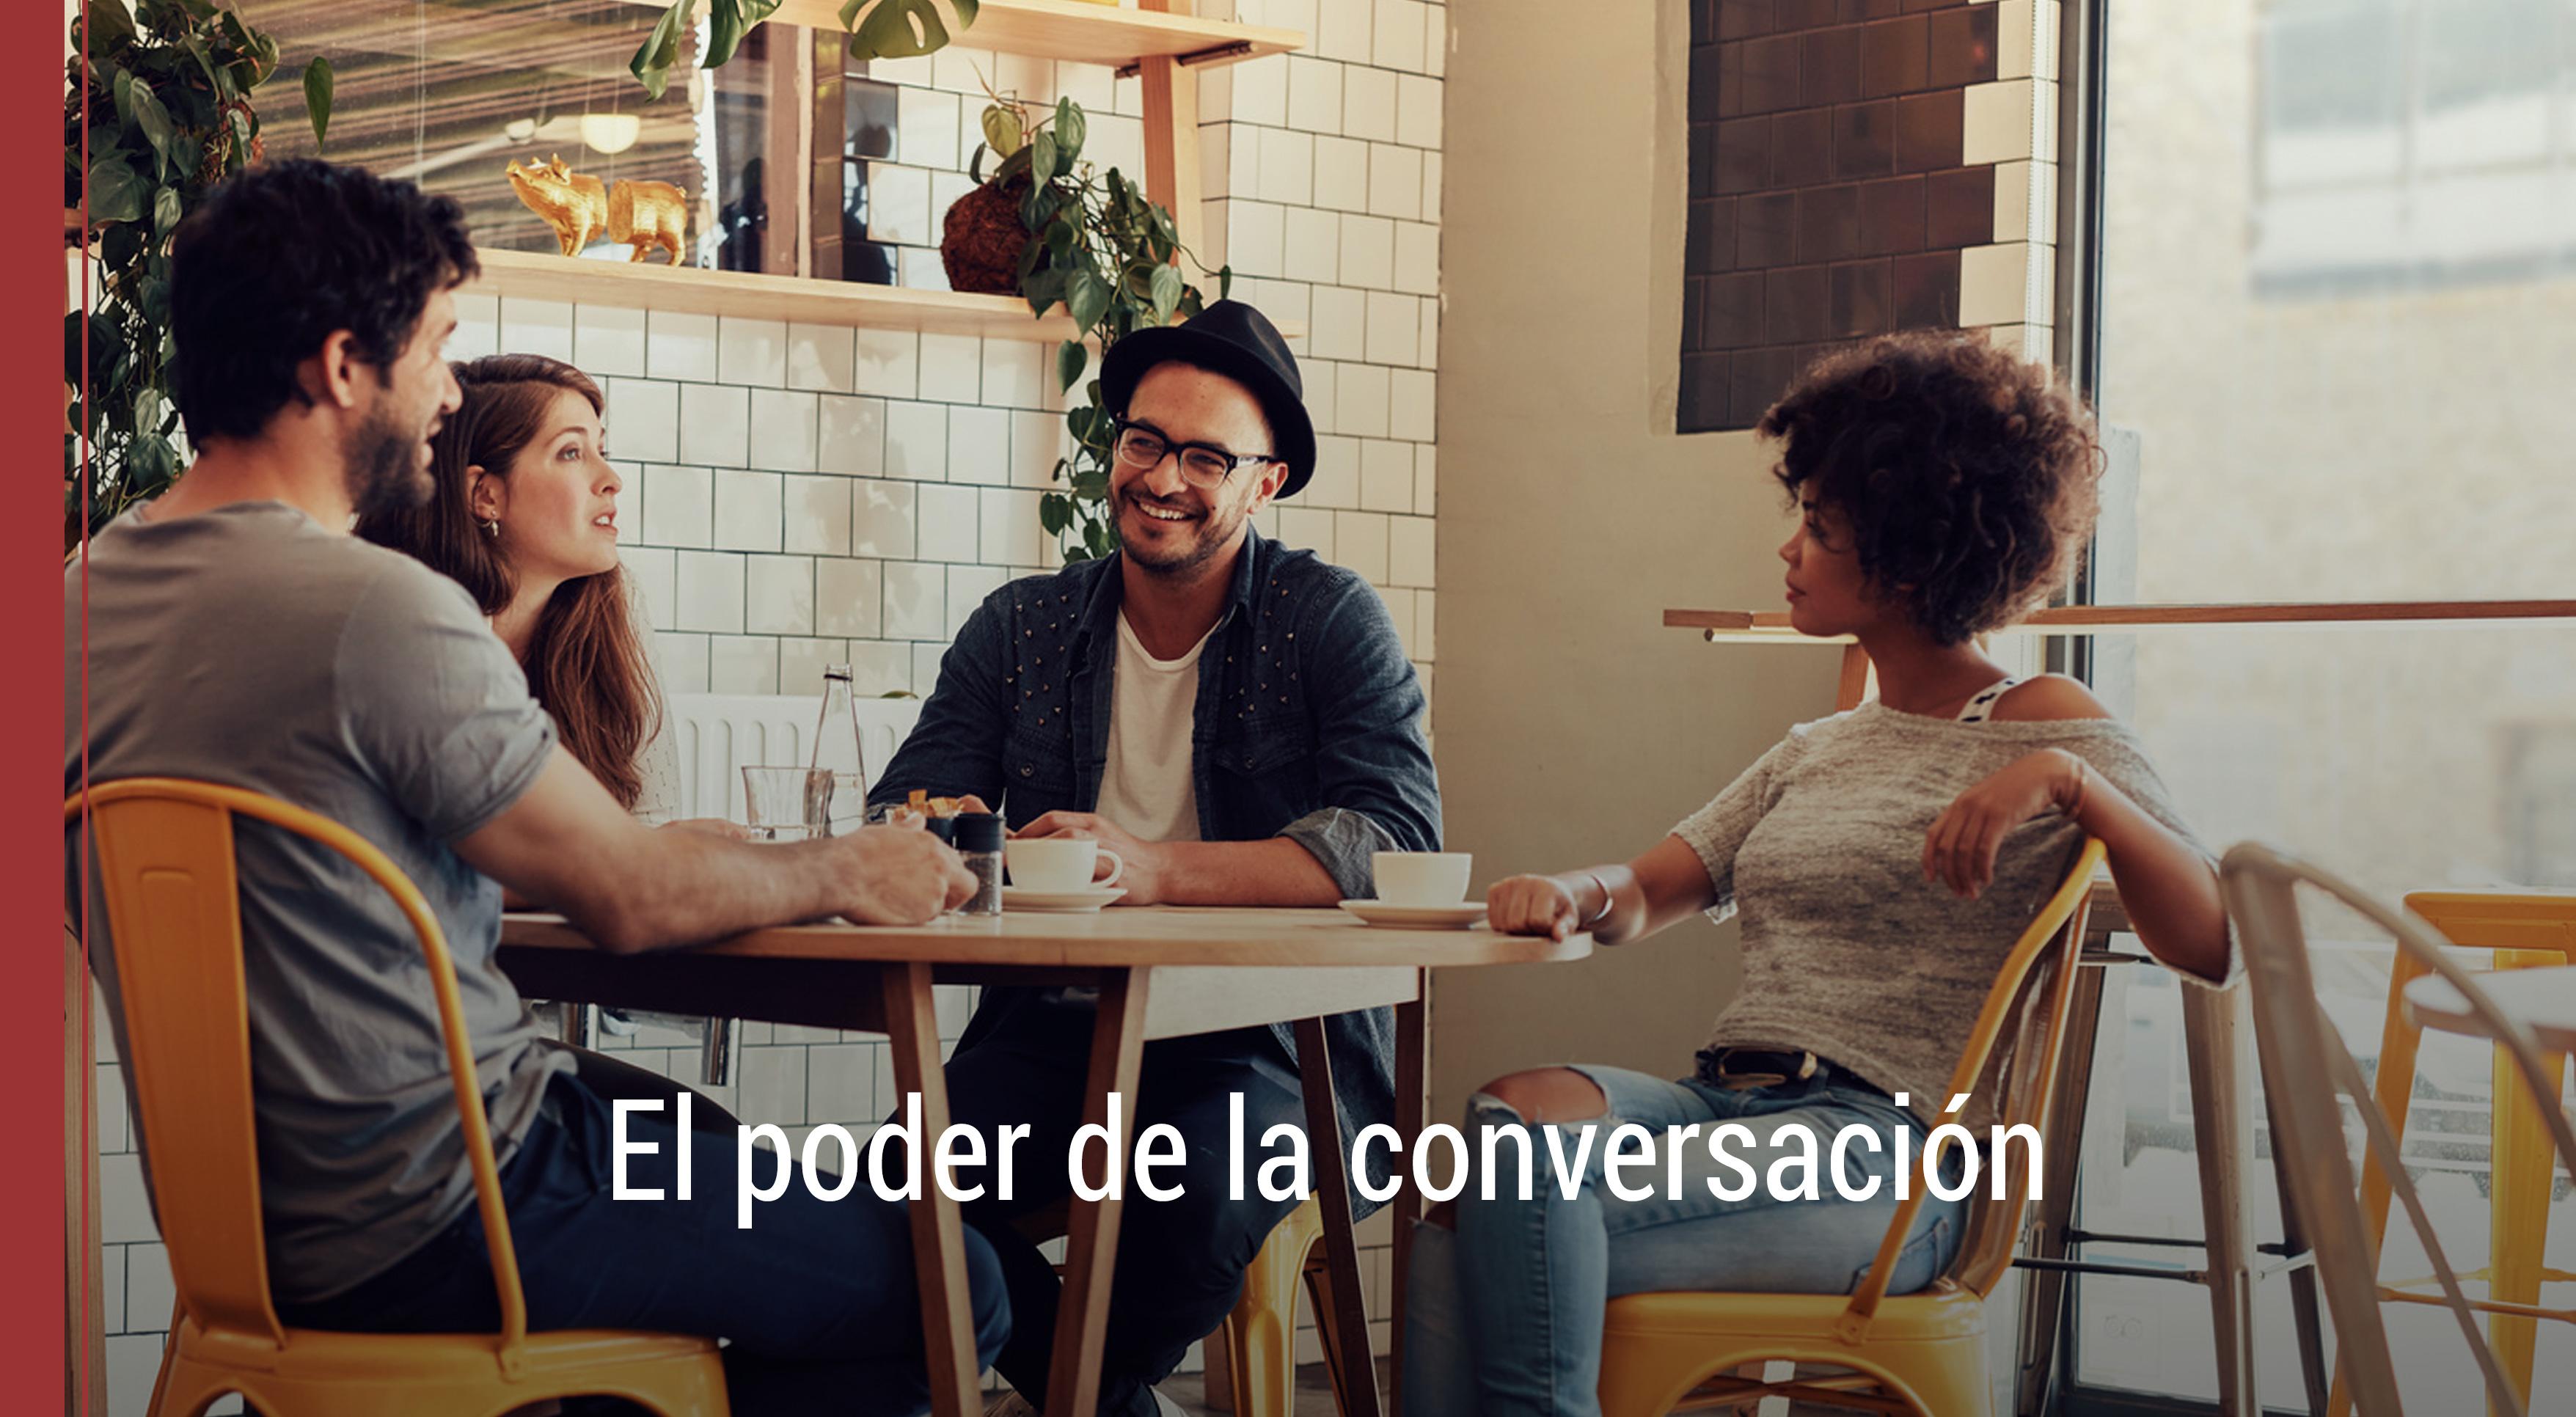 el-poder-de-la-conversacion El poder de la conversación: educación y empresa